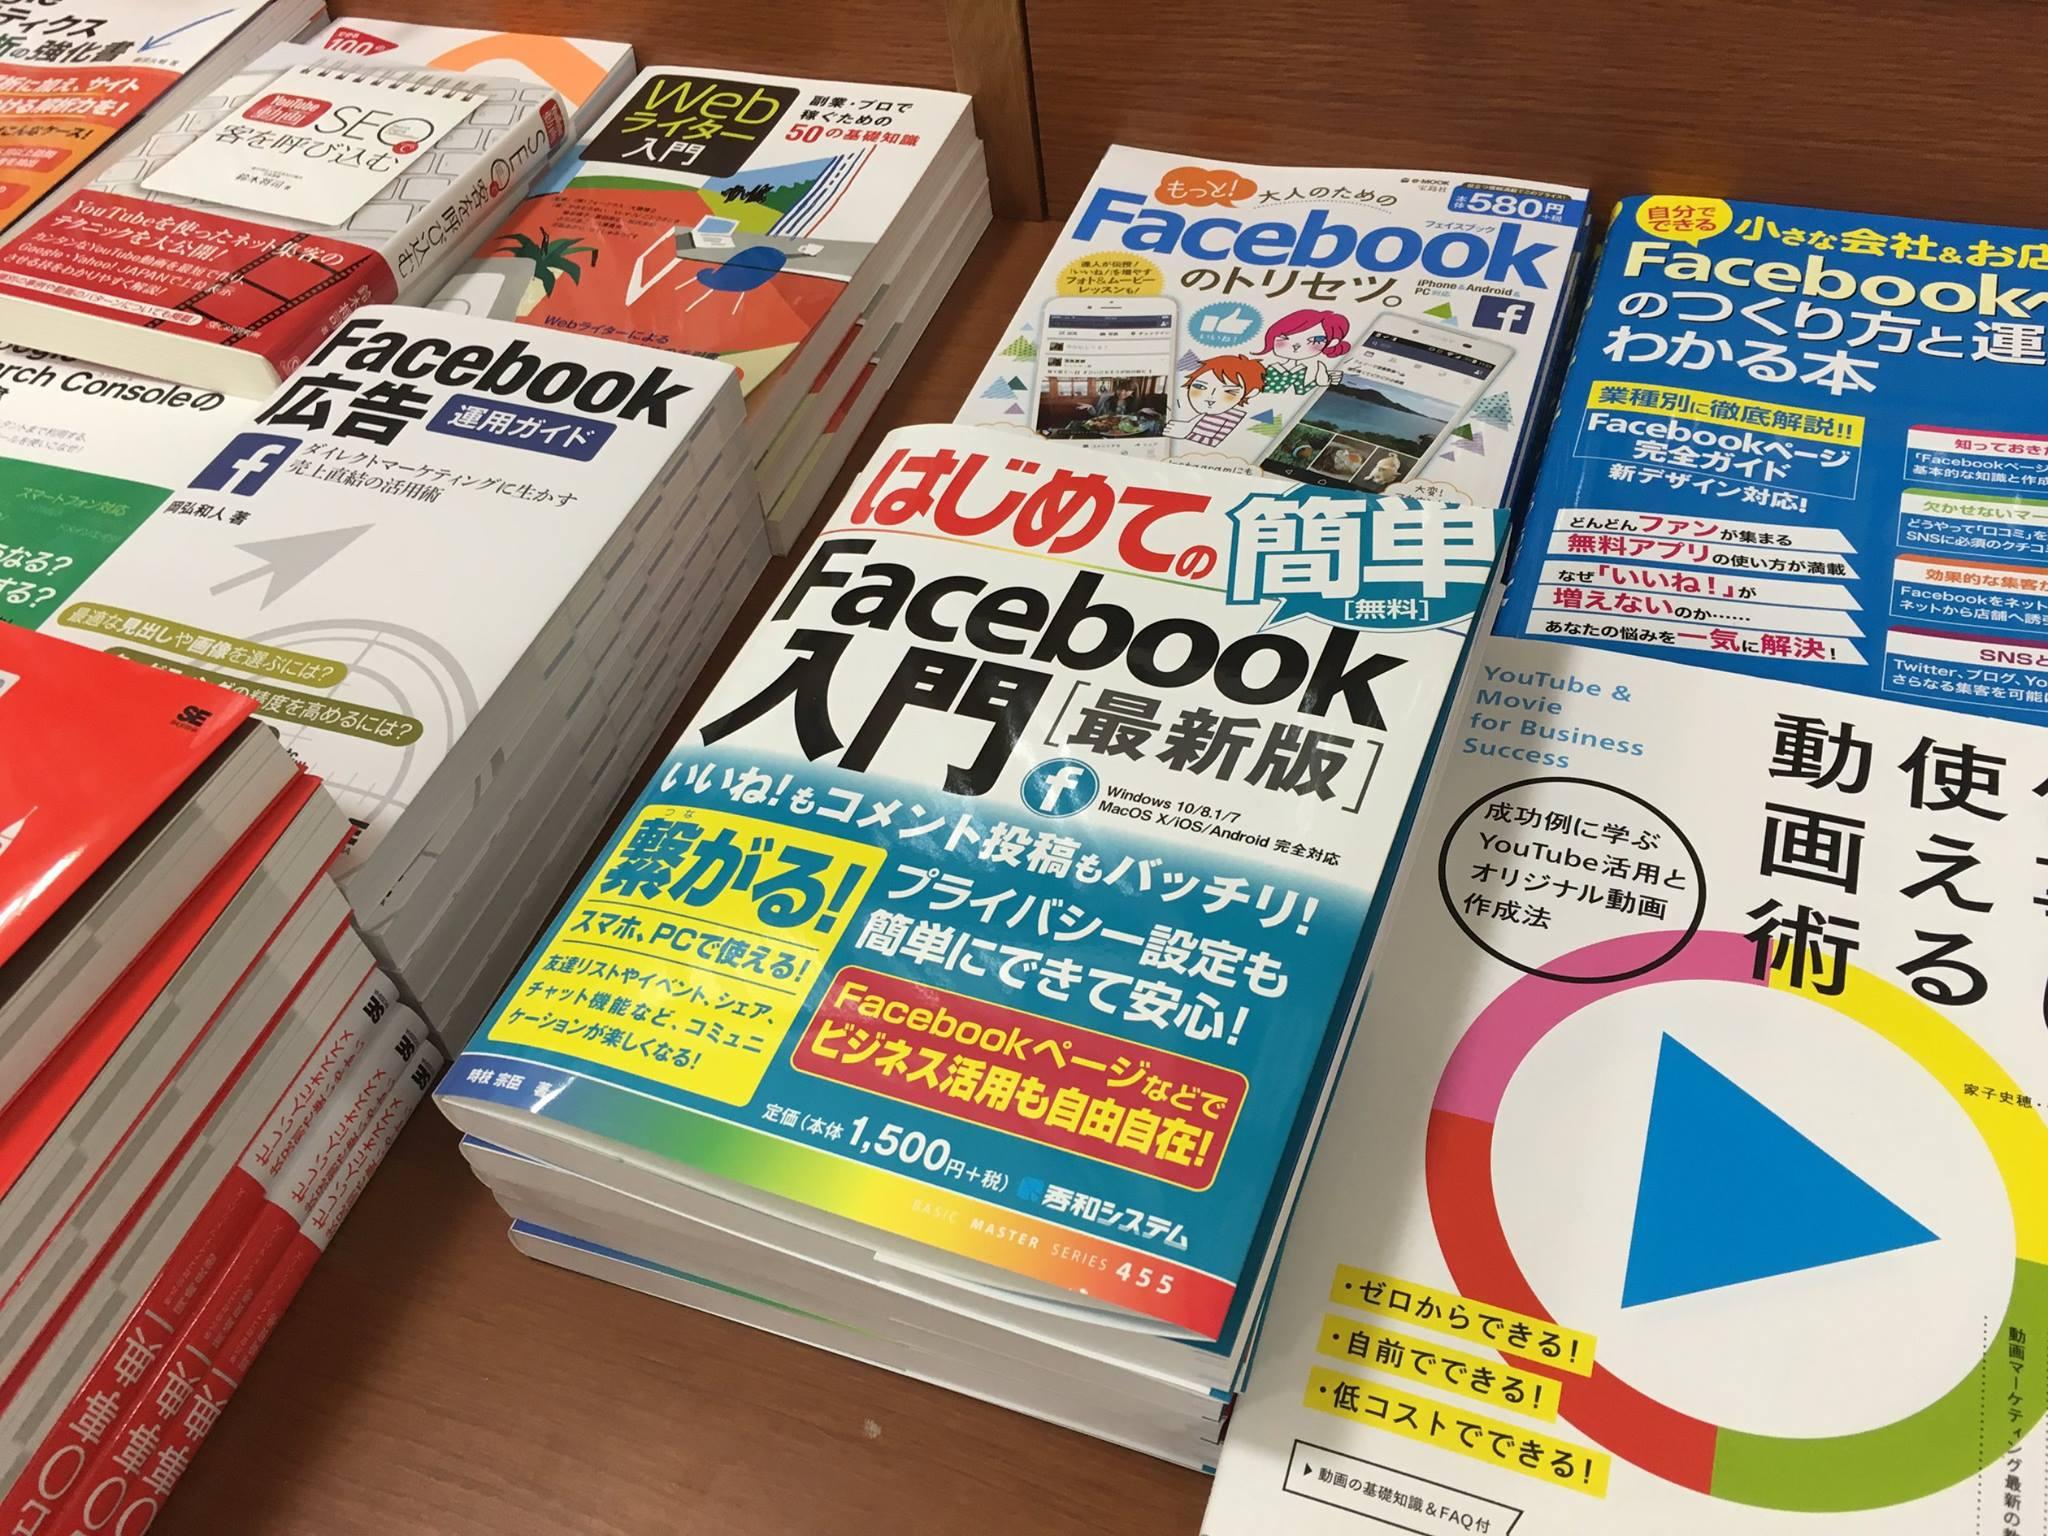 新刊「はじめてのFacebook入門 最新版」が発売